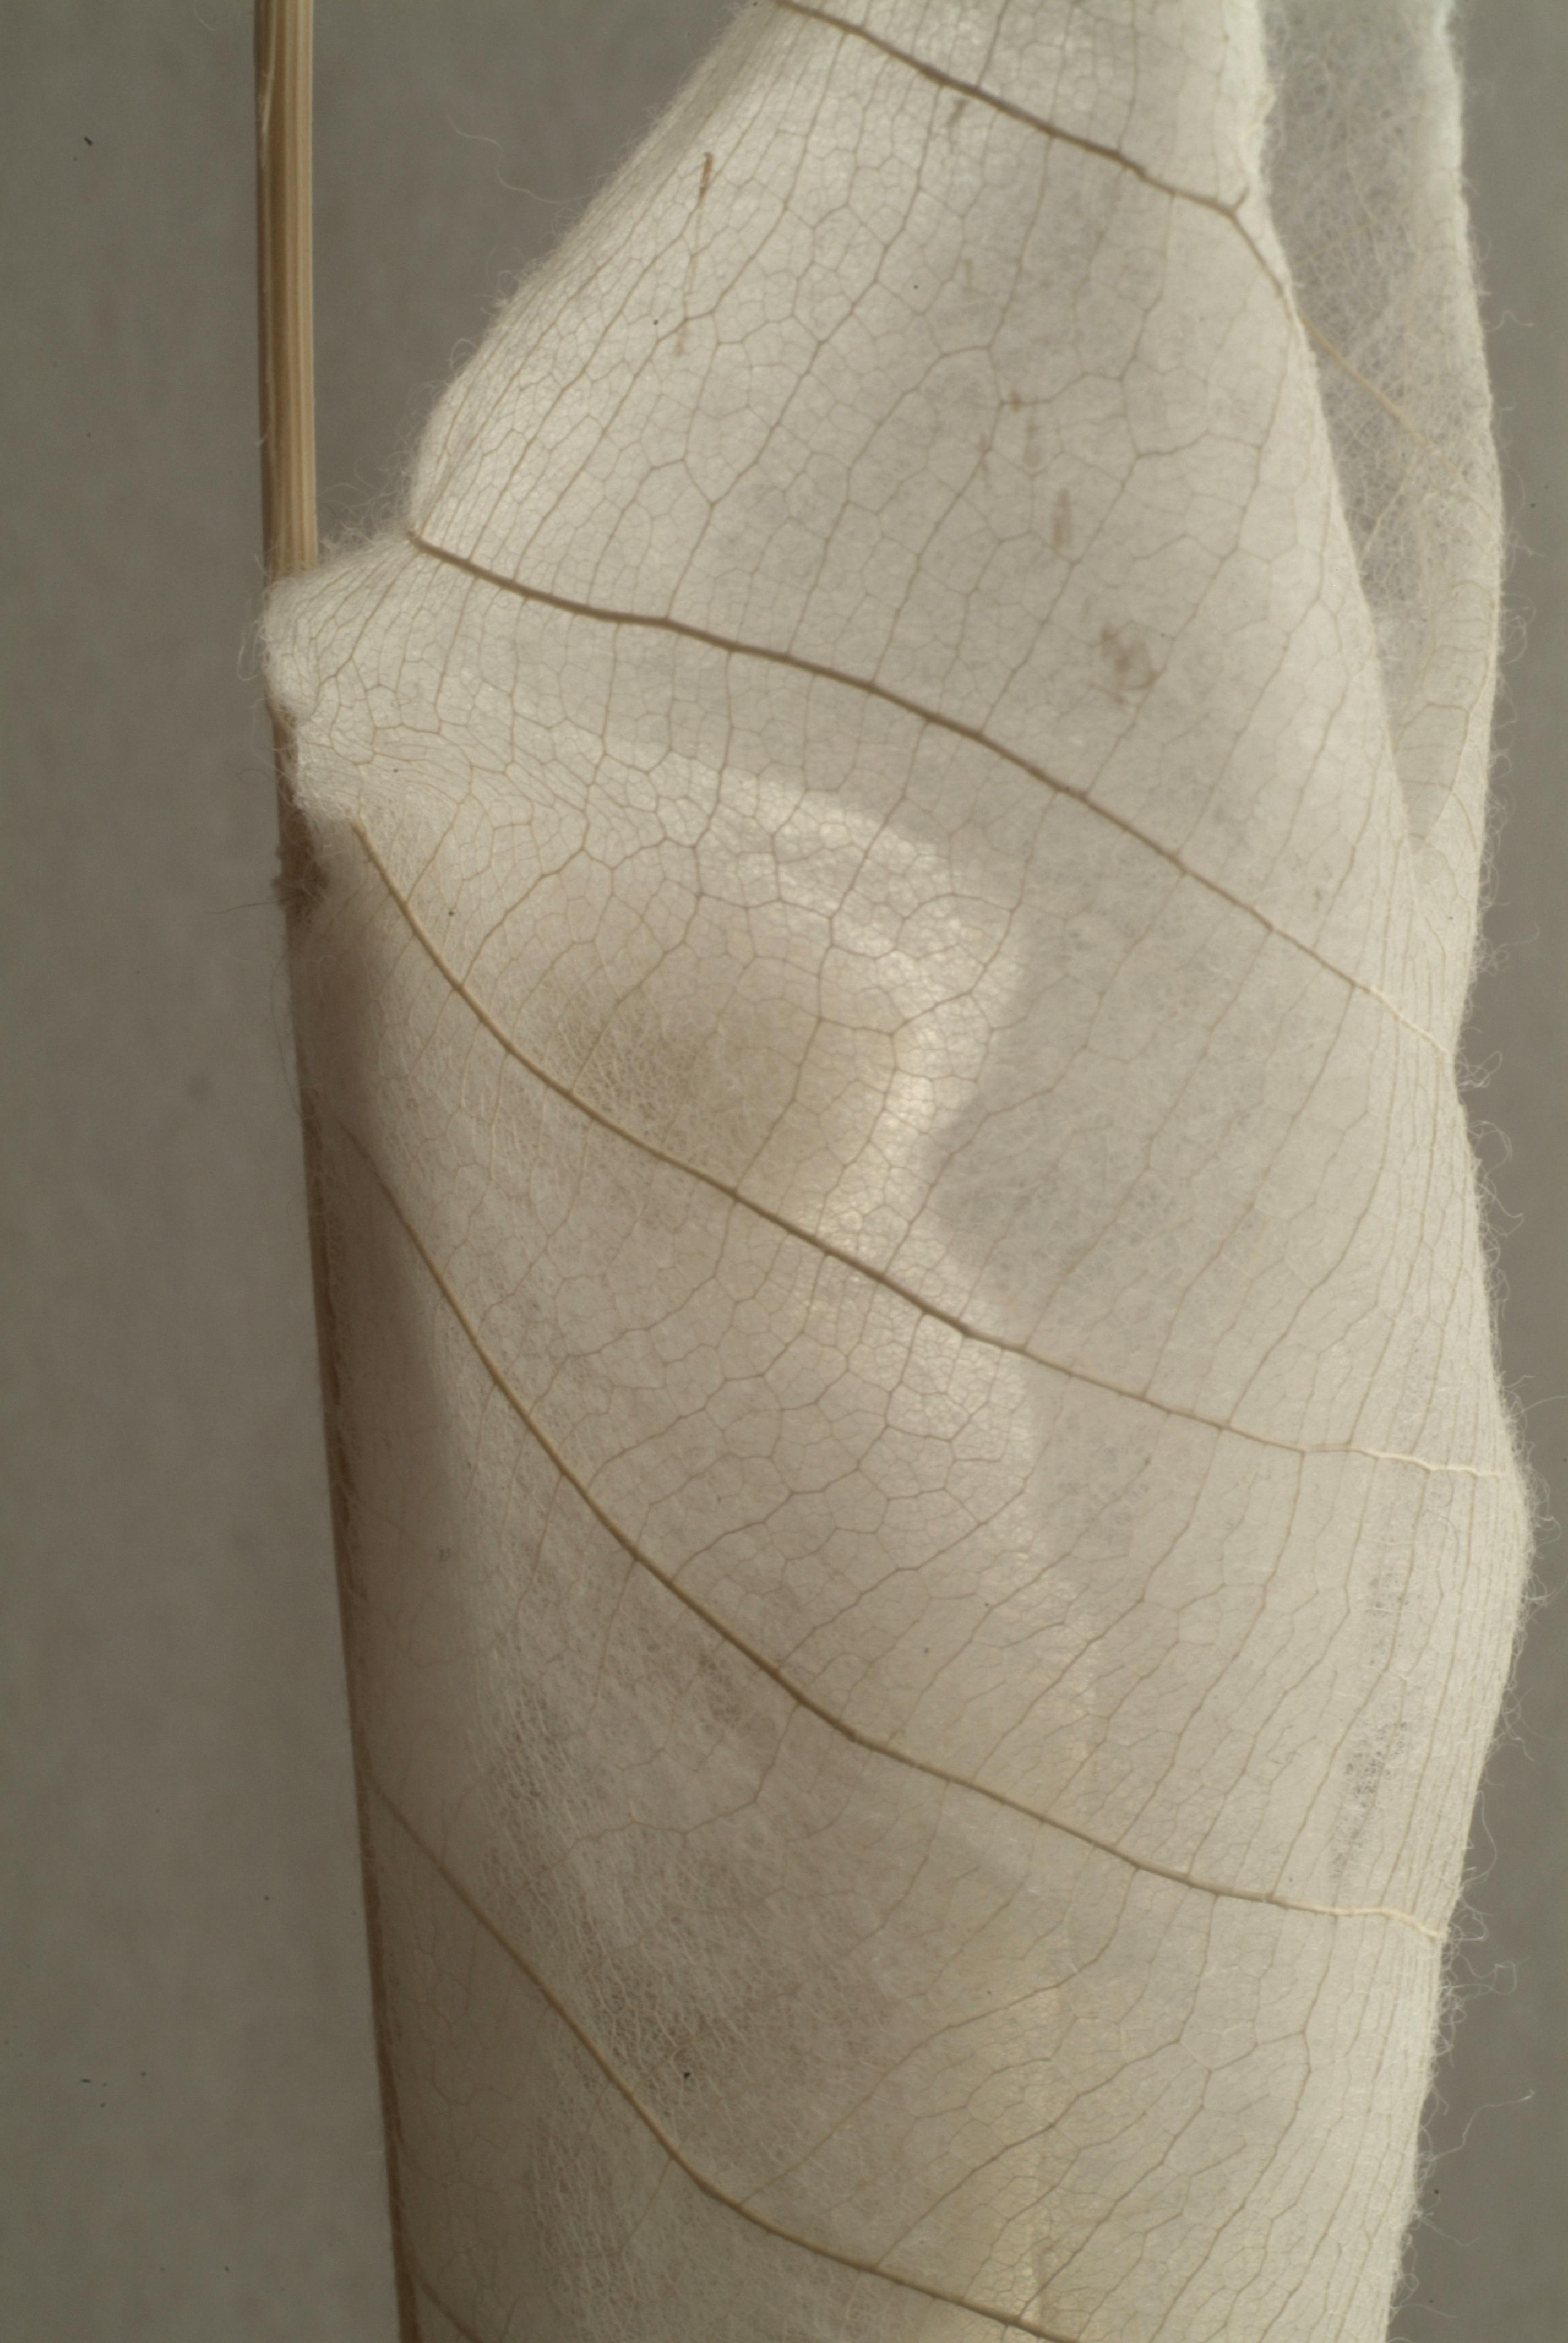 Verblätterung 1, verhüllt, Detail, 2017